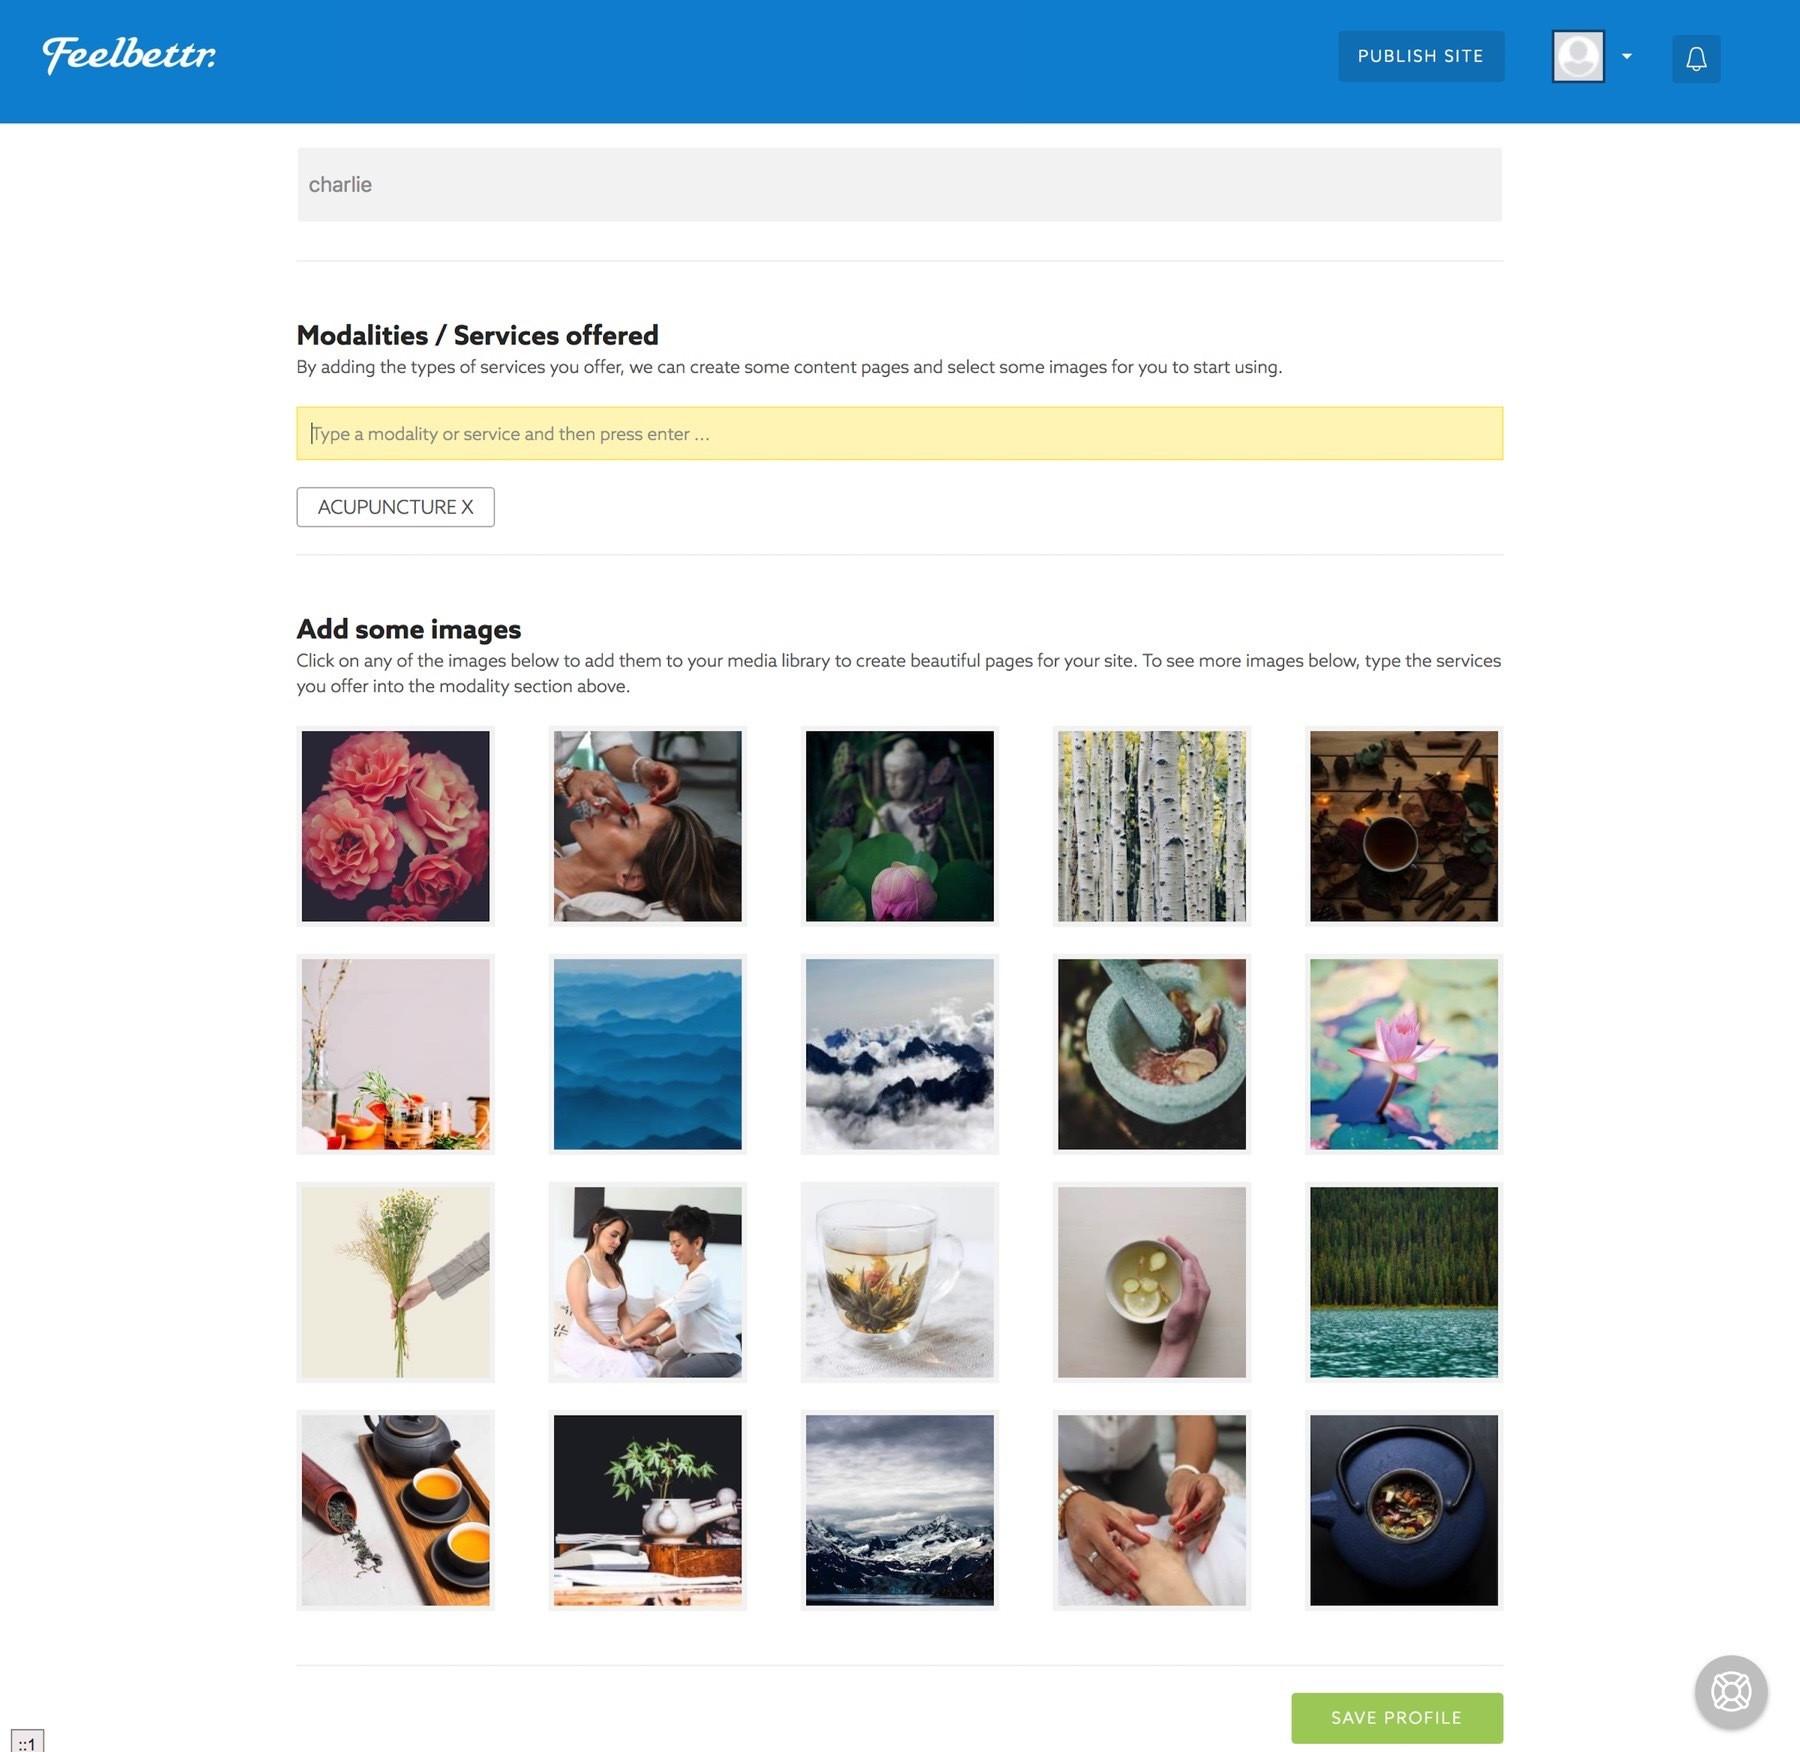 Basic Feelbettr site